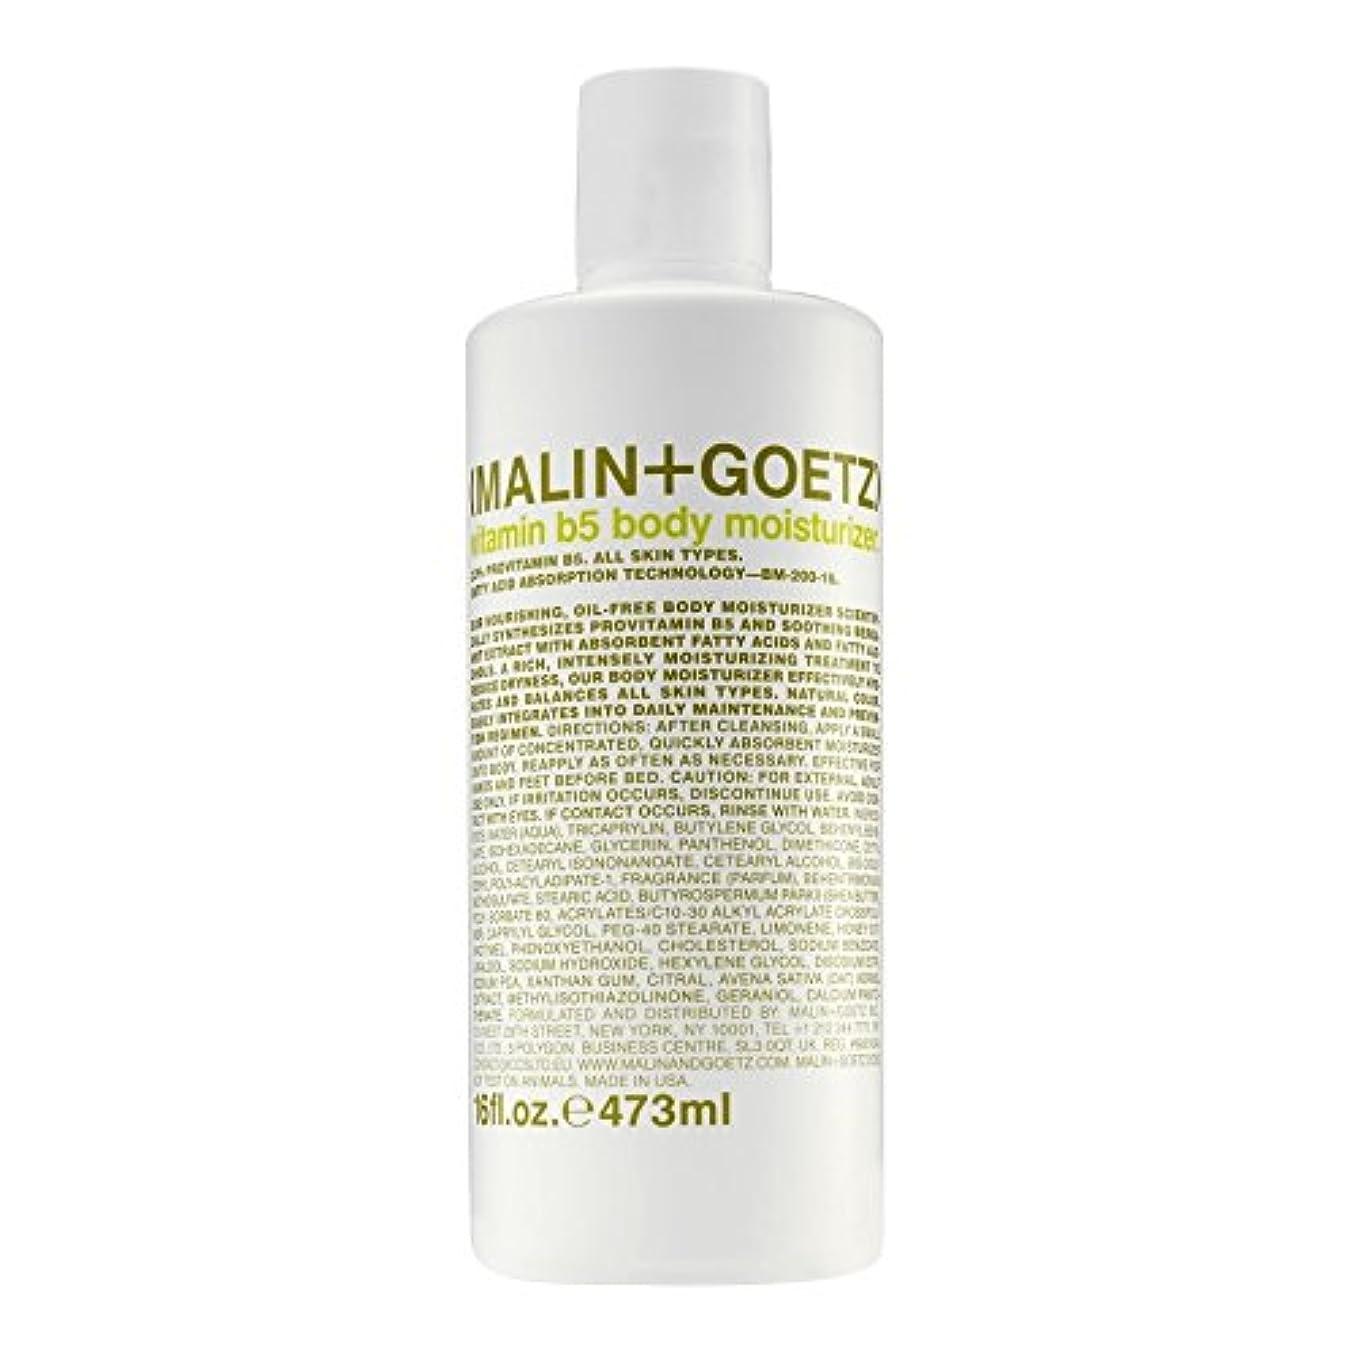 マリン+ゲッツビタミン5ボディモイスチャライザーの473ミリリットル x4 - MALIN+GOETZ Vitamin B5 Body Moisturiser 473ml (Pack of 4) [並行輸入品]